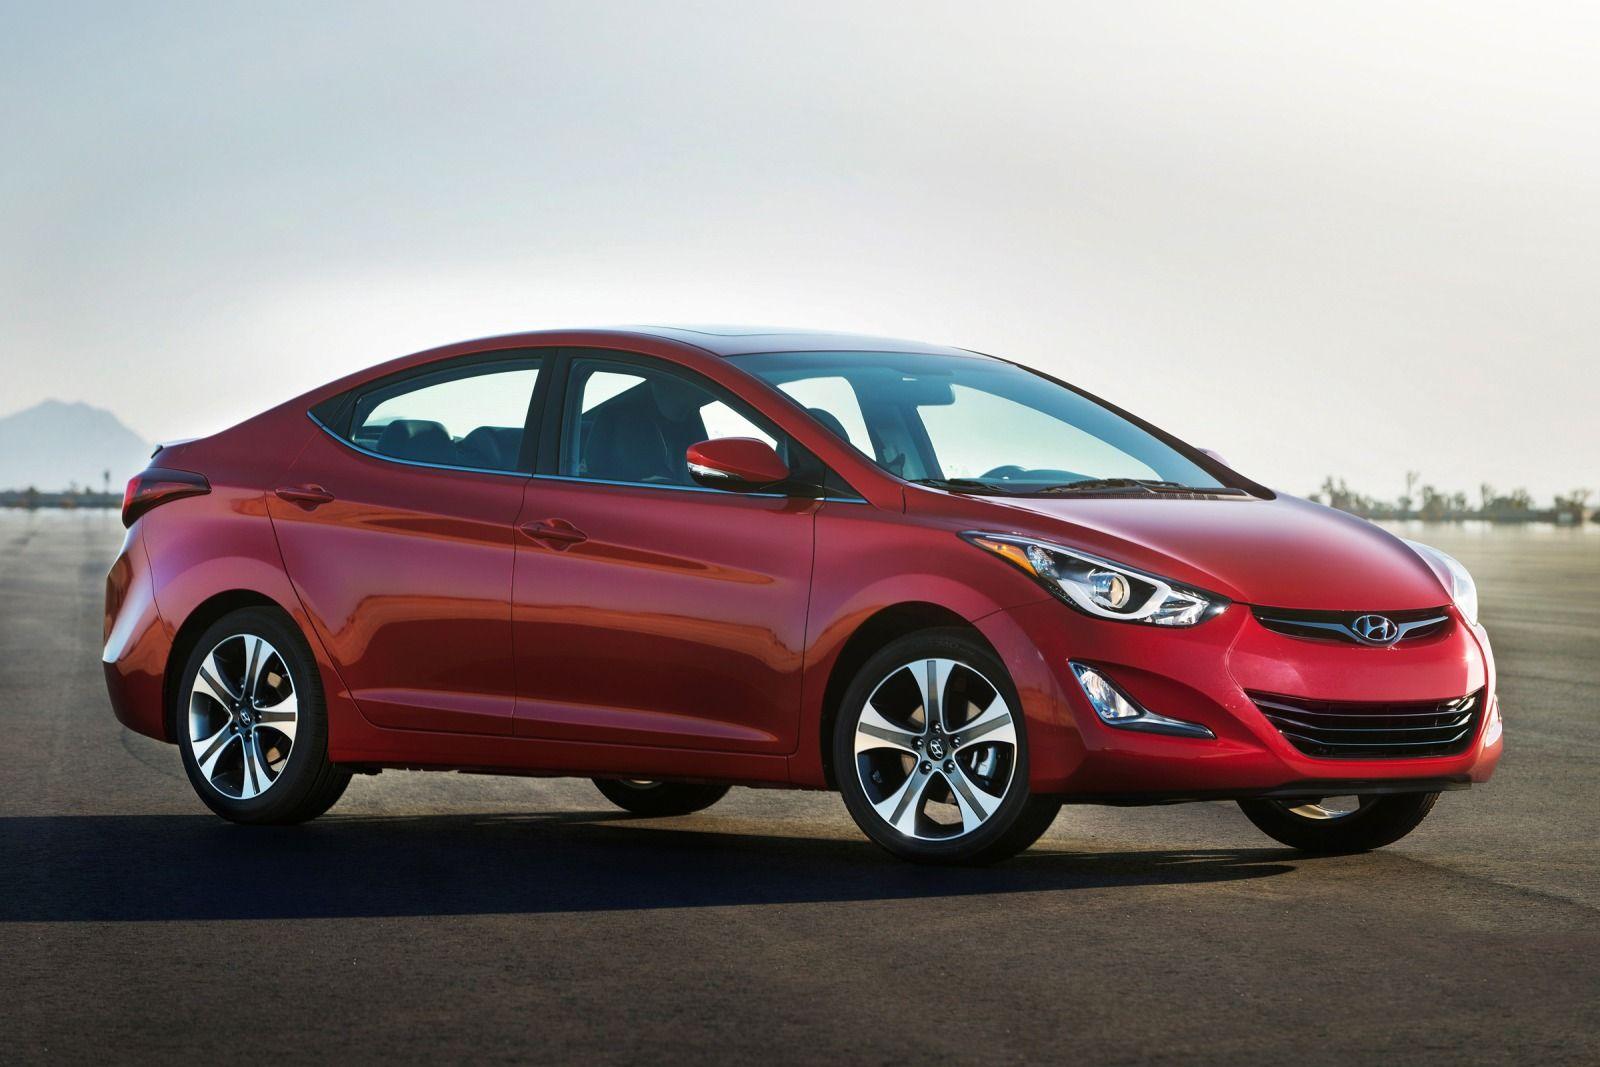 Hyundai Haziran Kampanyasi Uygun Tasit